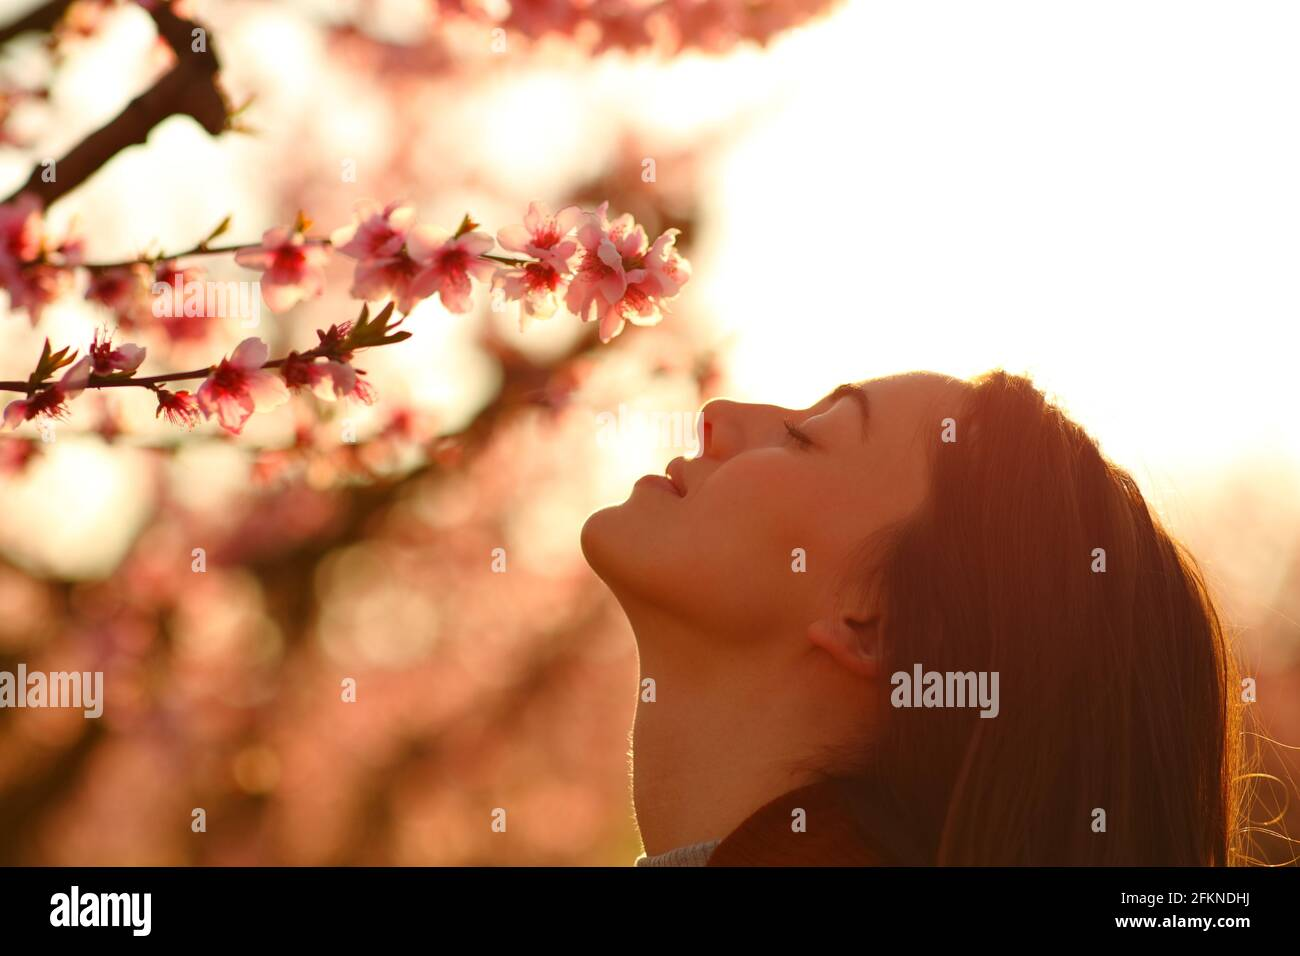 Vue latérale portrait d'une femme qui sent des fleurs à coucher de soleil dans un champ fleuri Banque D'Images